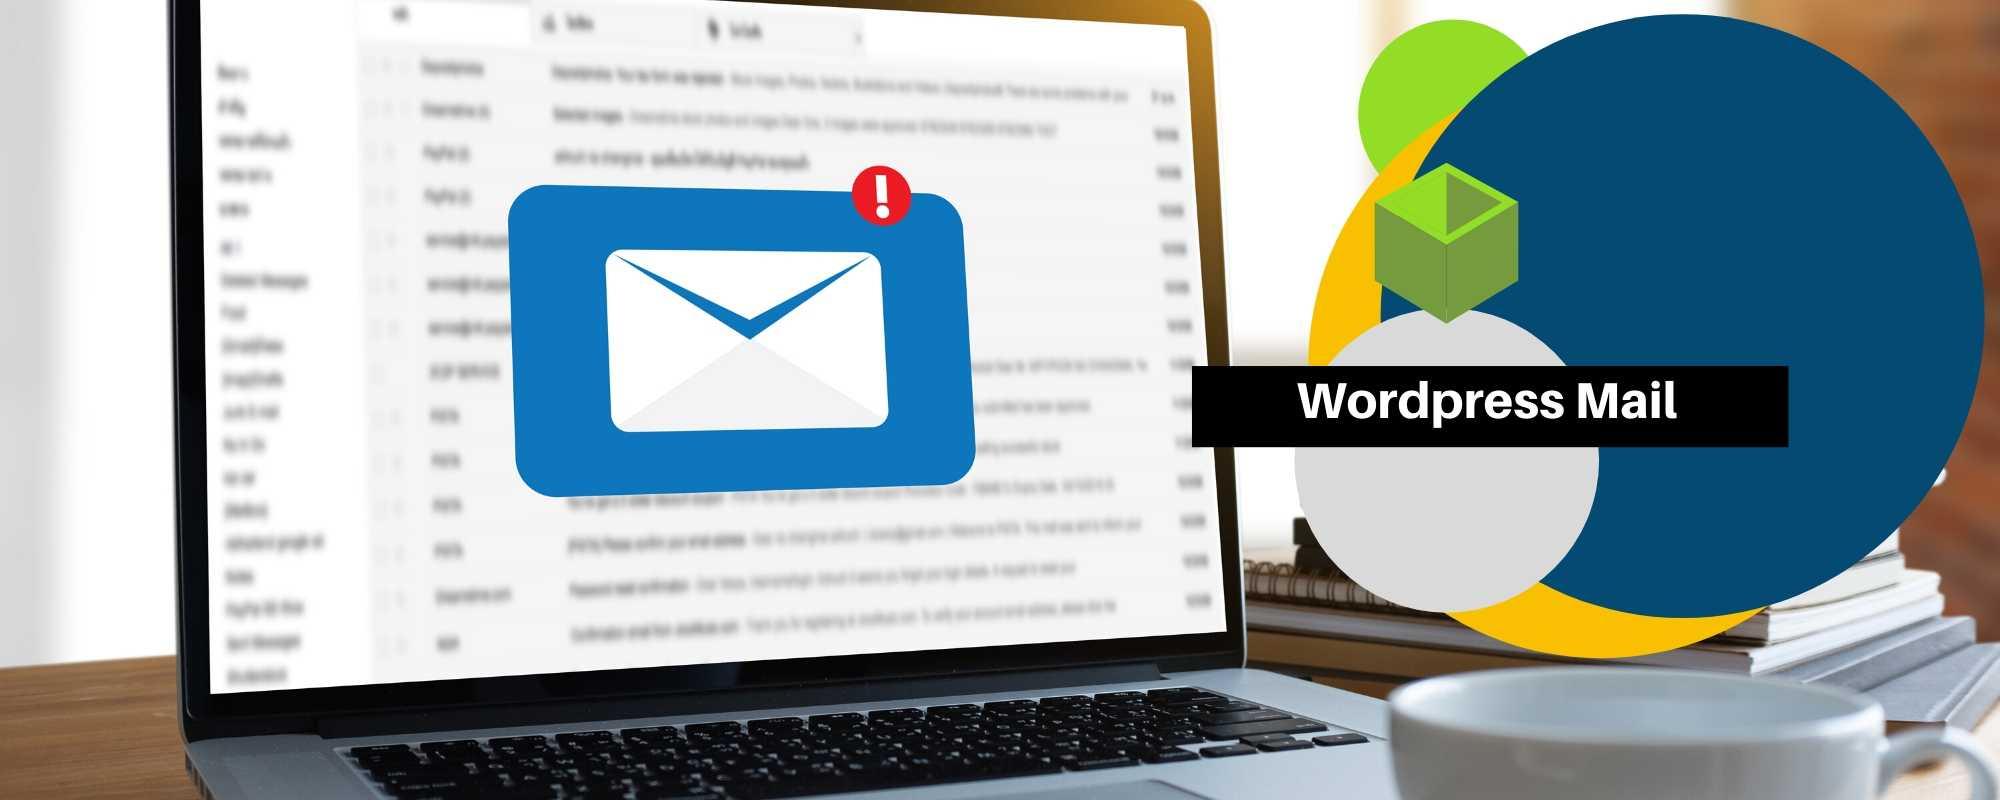 wordpress mail ayarları